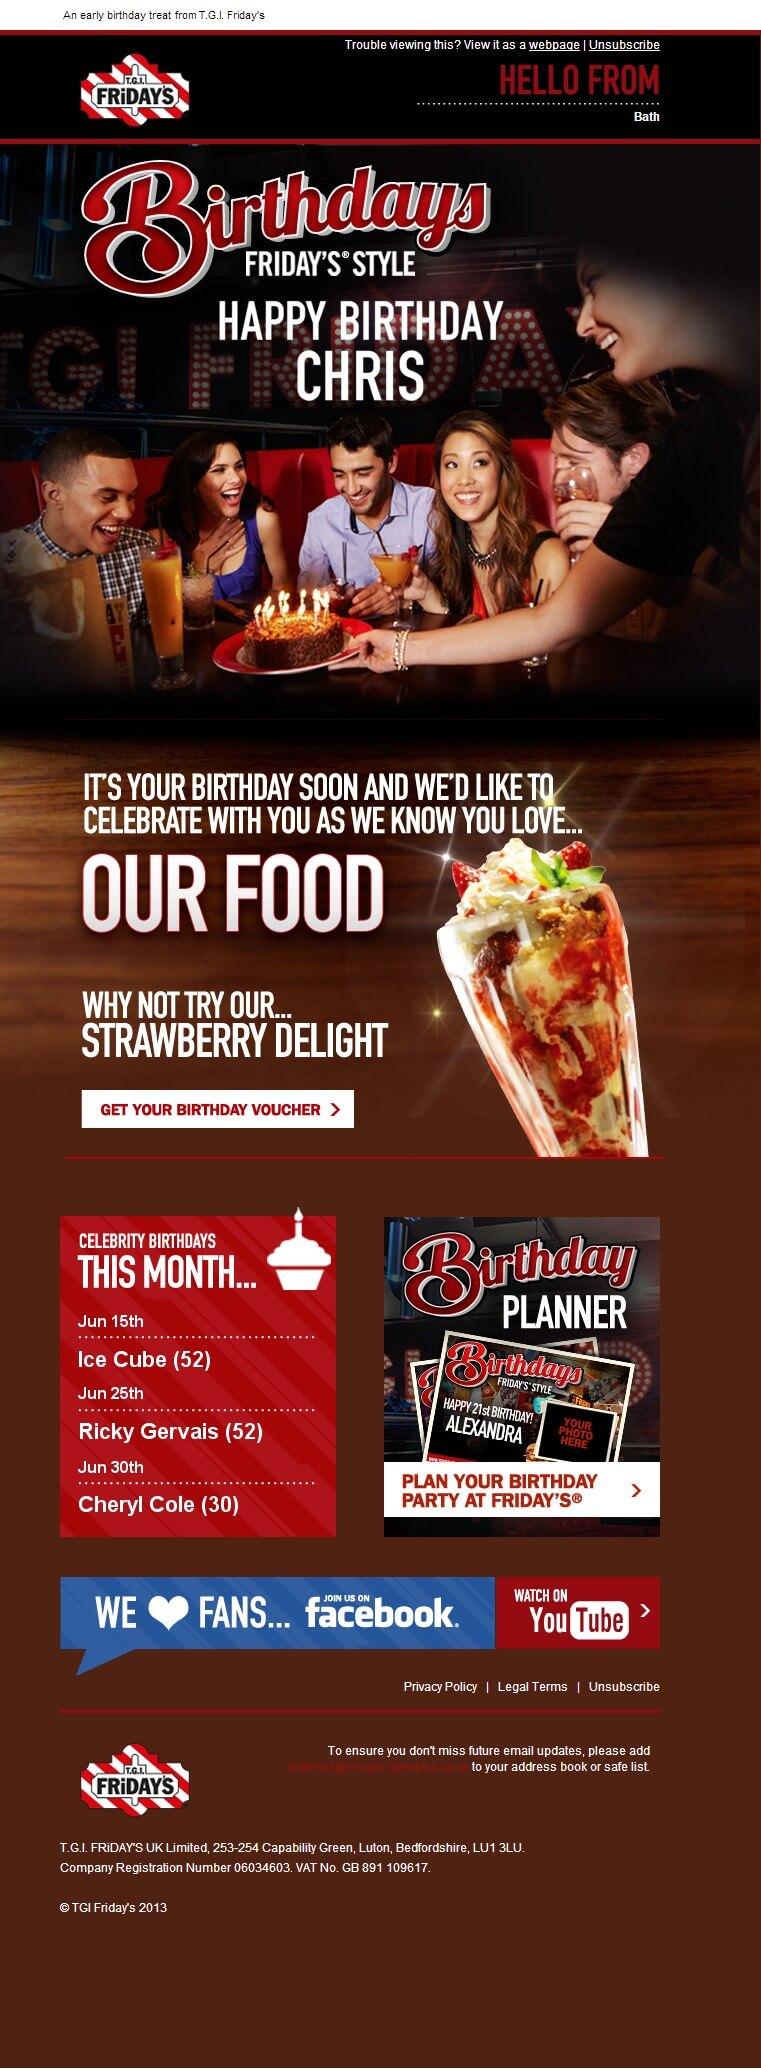 TGI-Friday-Birthday